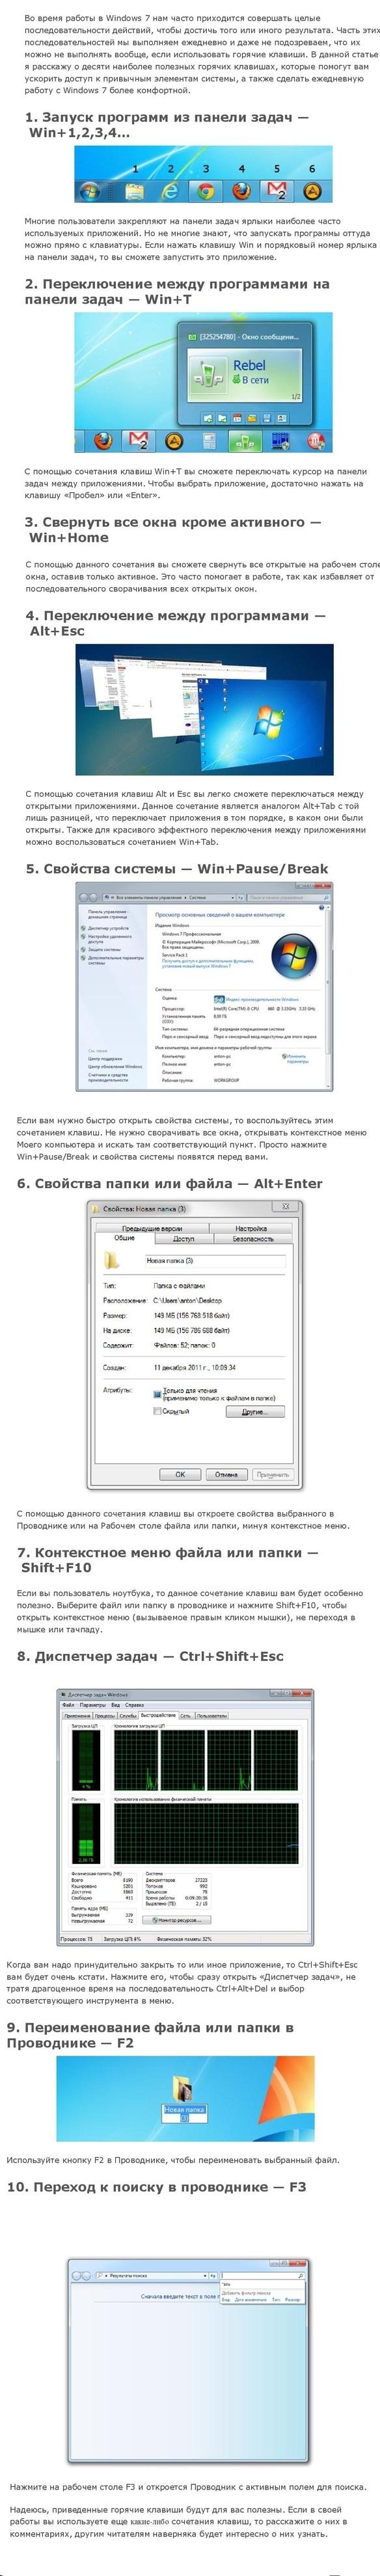 10 горячих клавиш, повышающих удобство работы в Windows 7